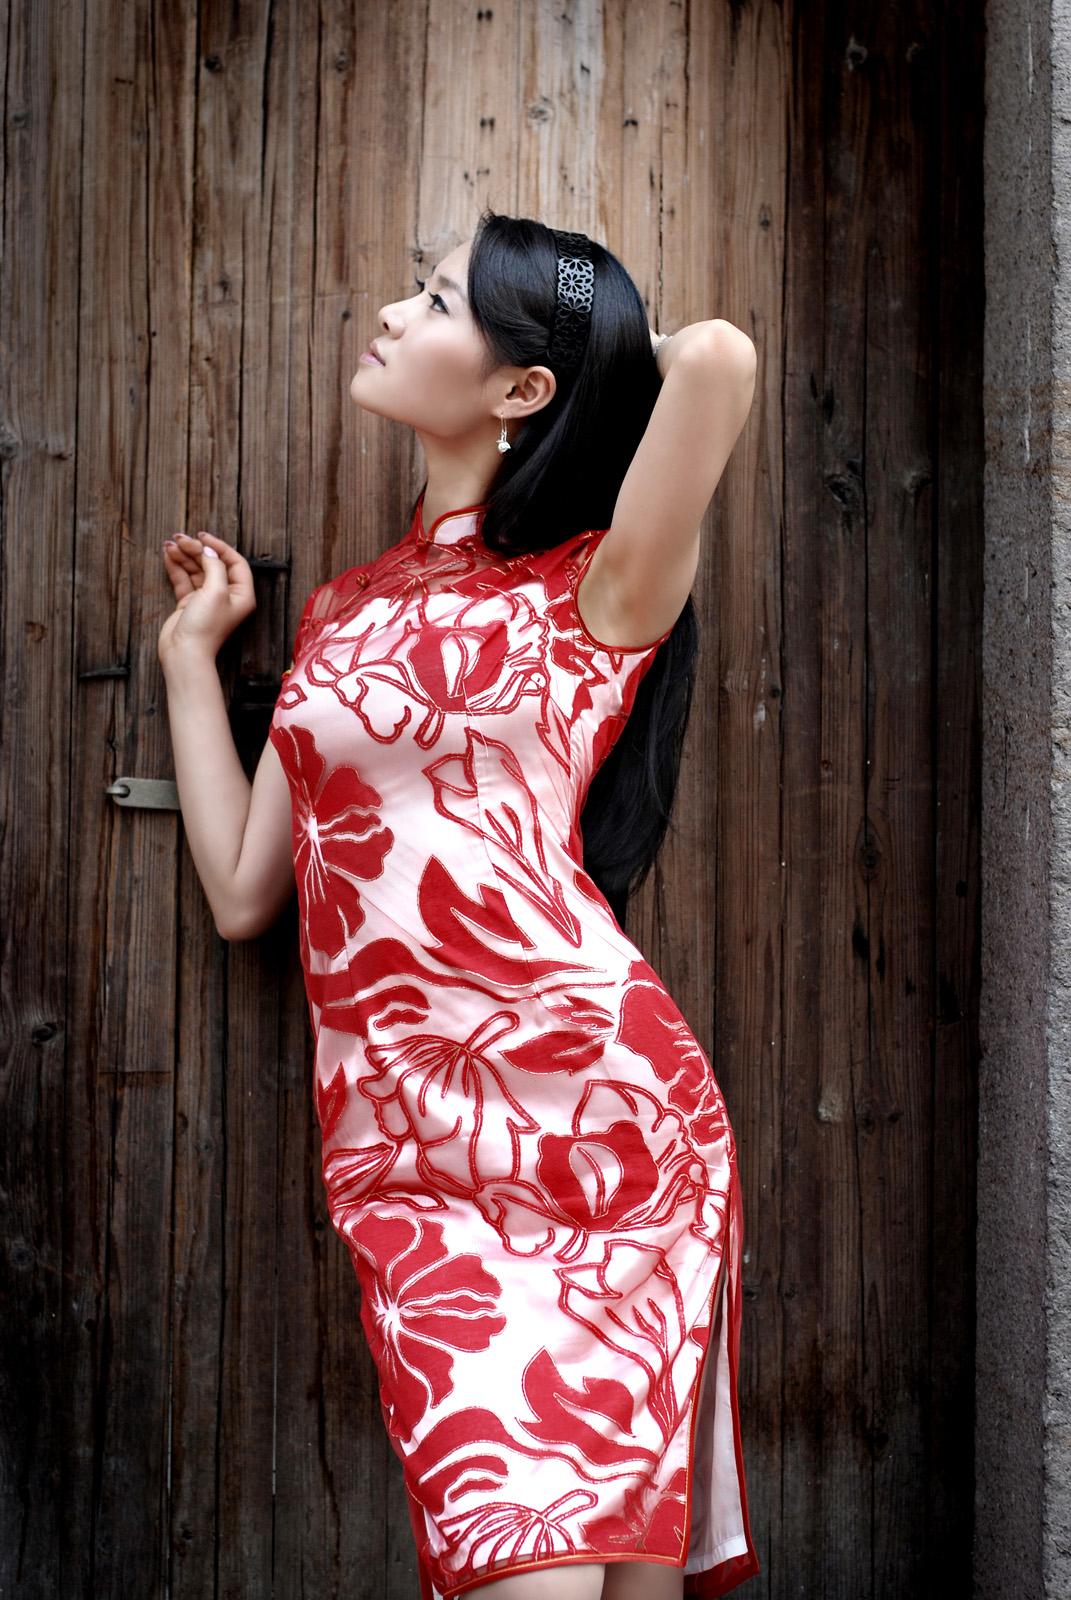 旗袍美人【图】 - 柏村休闲居 - 柏村休闲居